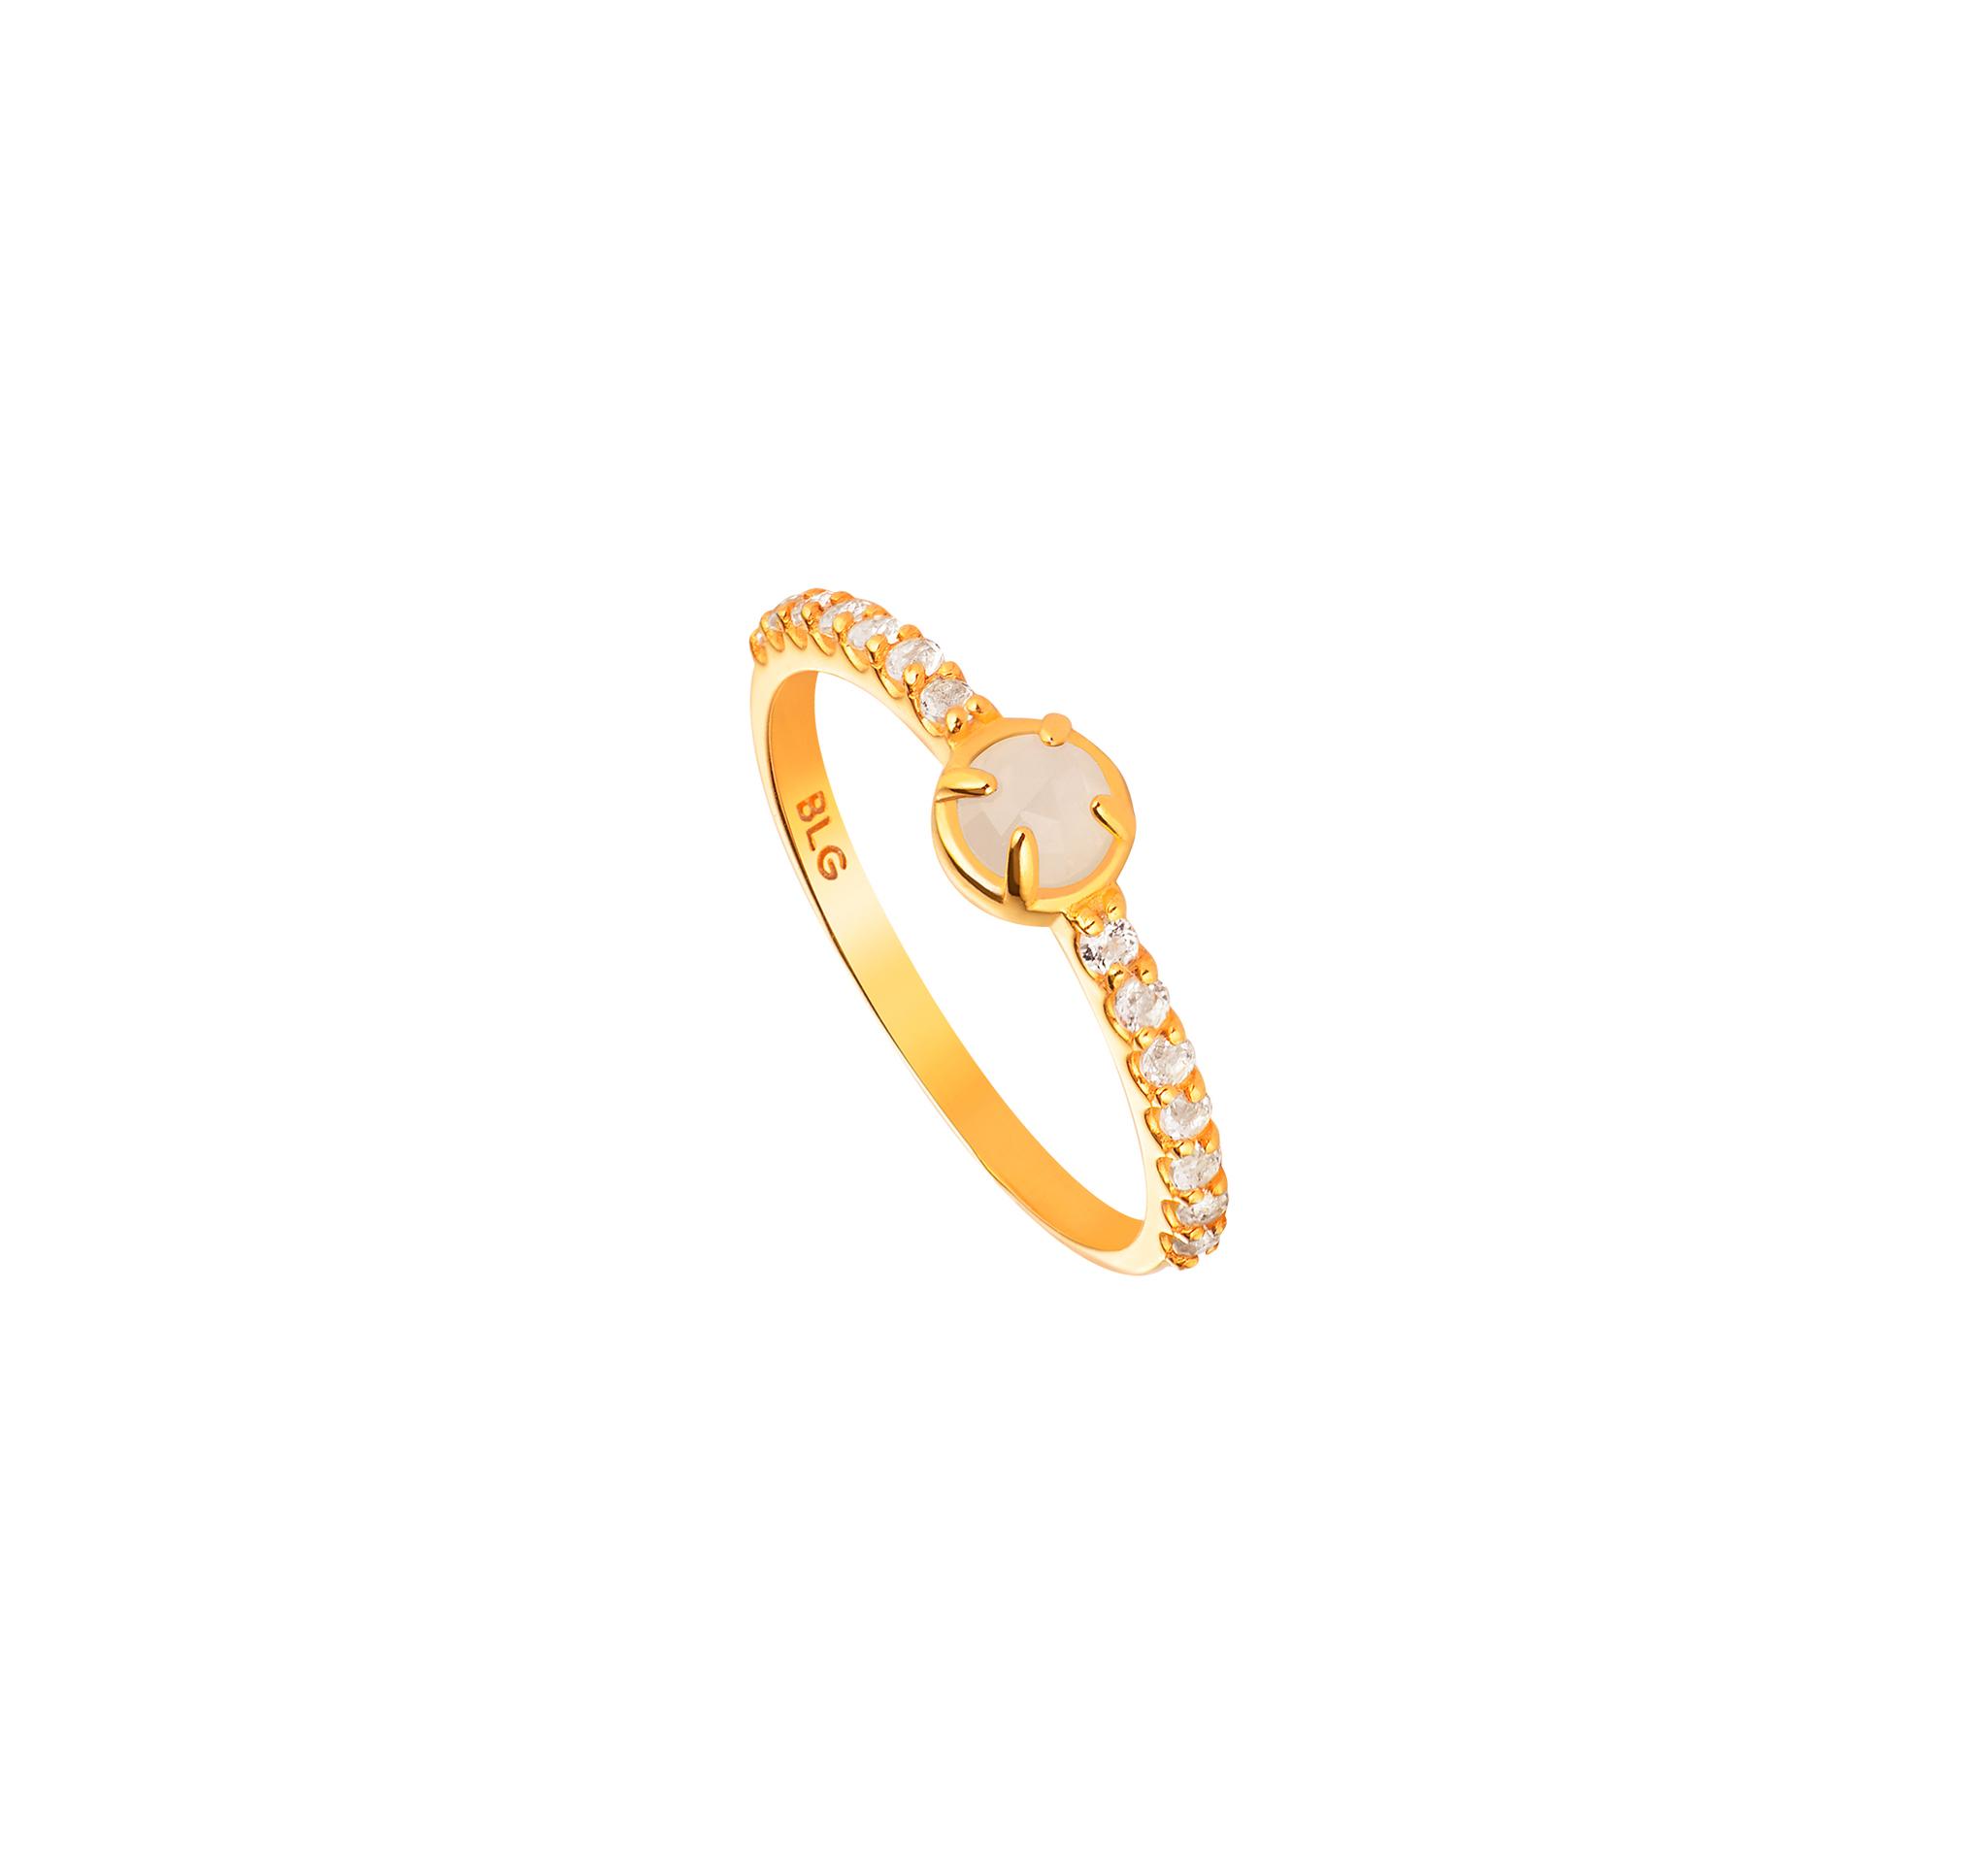 Нежное кольцо из позолоченного серебра с лунным камнем и белыми топазами